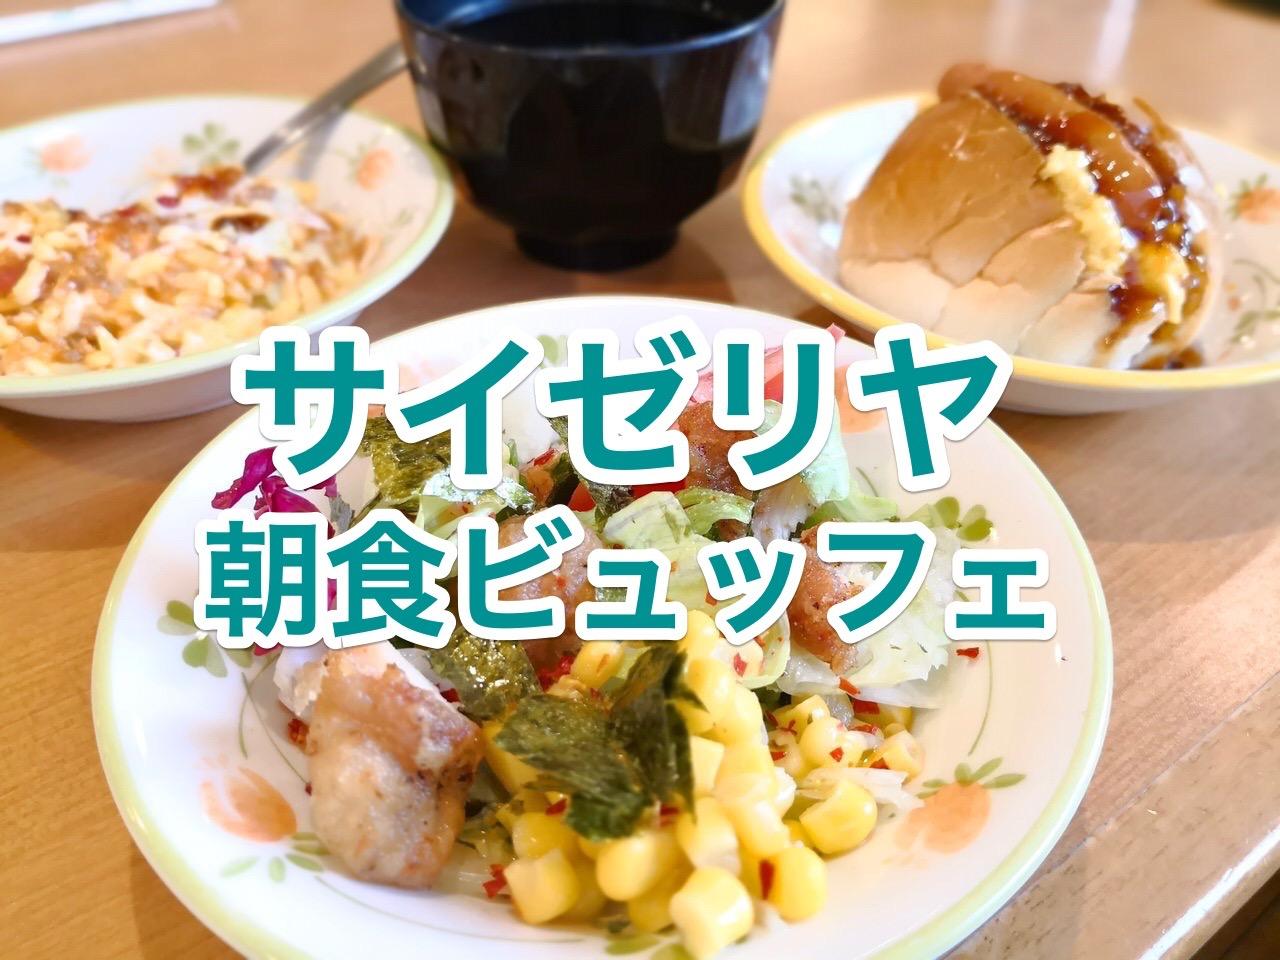 【サイゼリヤ】朝食ビュッフェ(バイキング)で朝から食べ放題してきた!